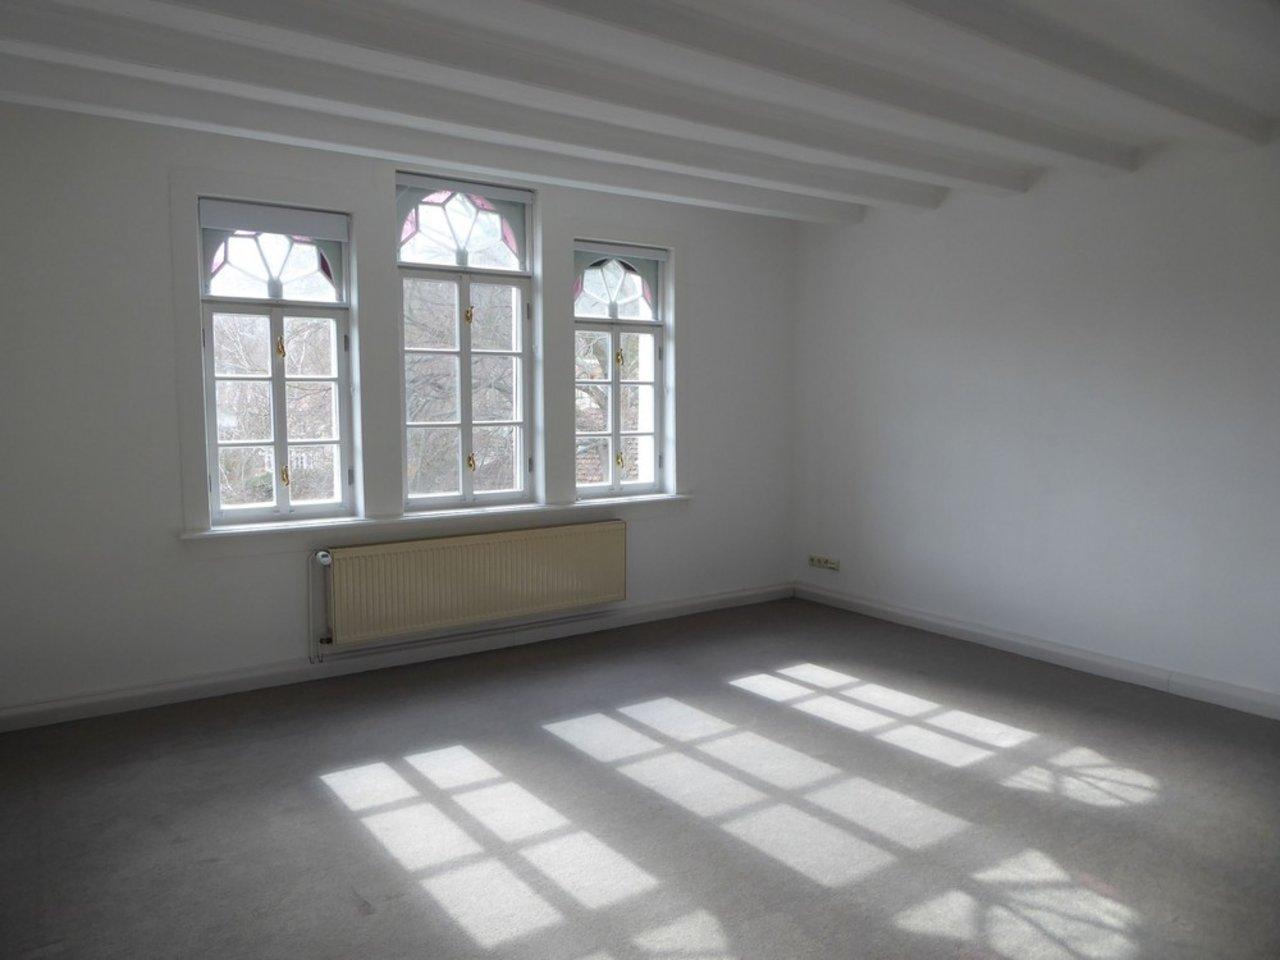 Reizvolle, großzügige DG-Wohnung mit viel Raum und individueller Gestaltung-Wohnzimmer